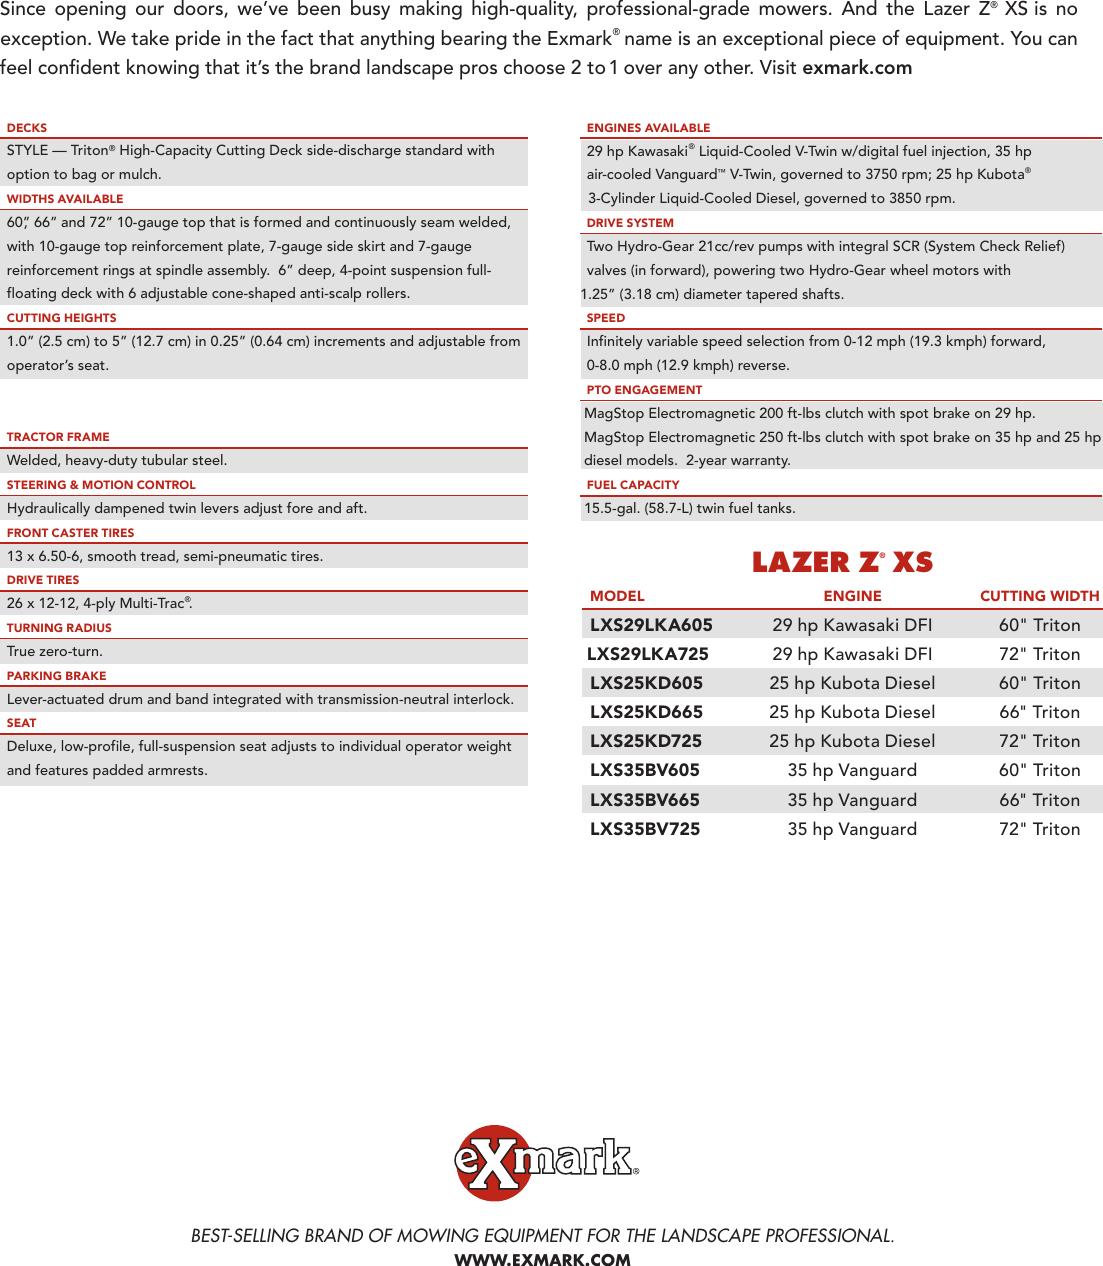 Exmark Lazer Z Xs Lxs25Kd605 Users Manual